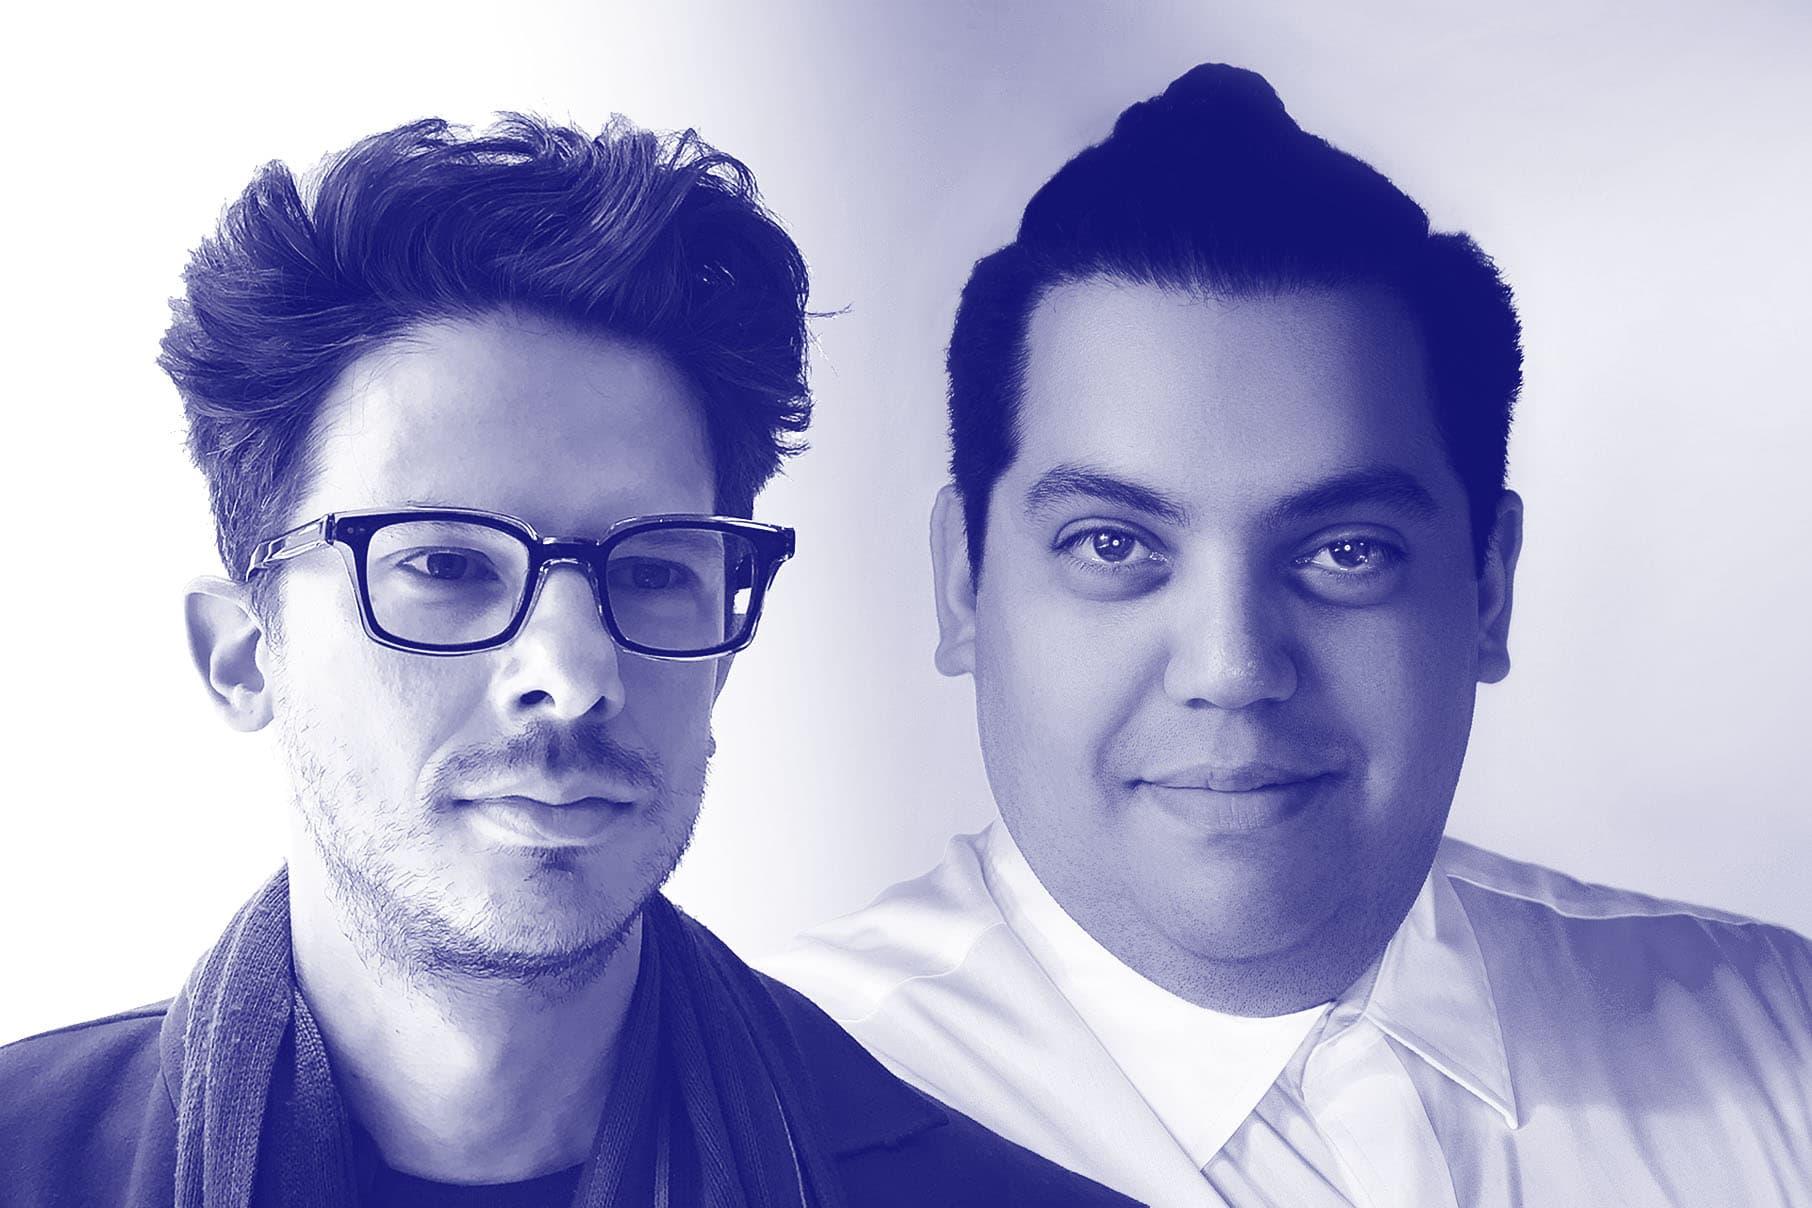 Alberto de Salvatierra, Dan Hapton_blue